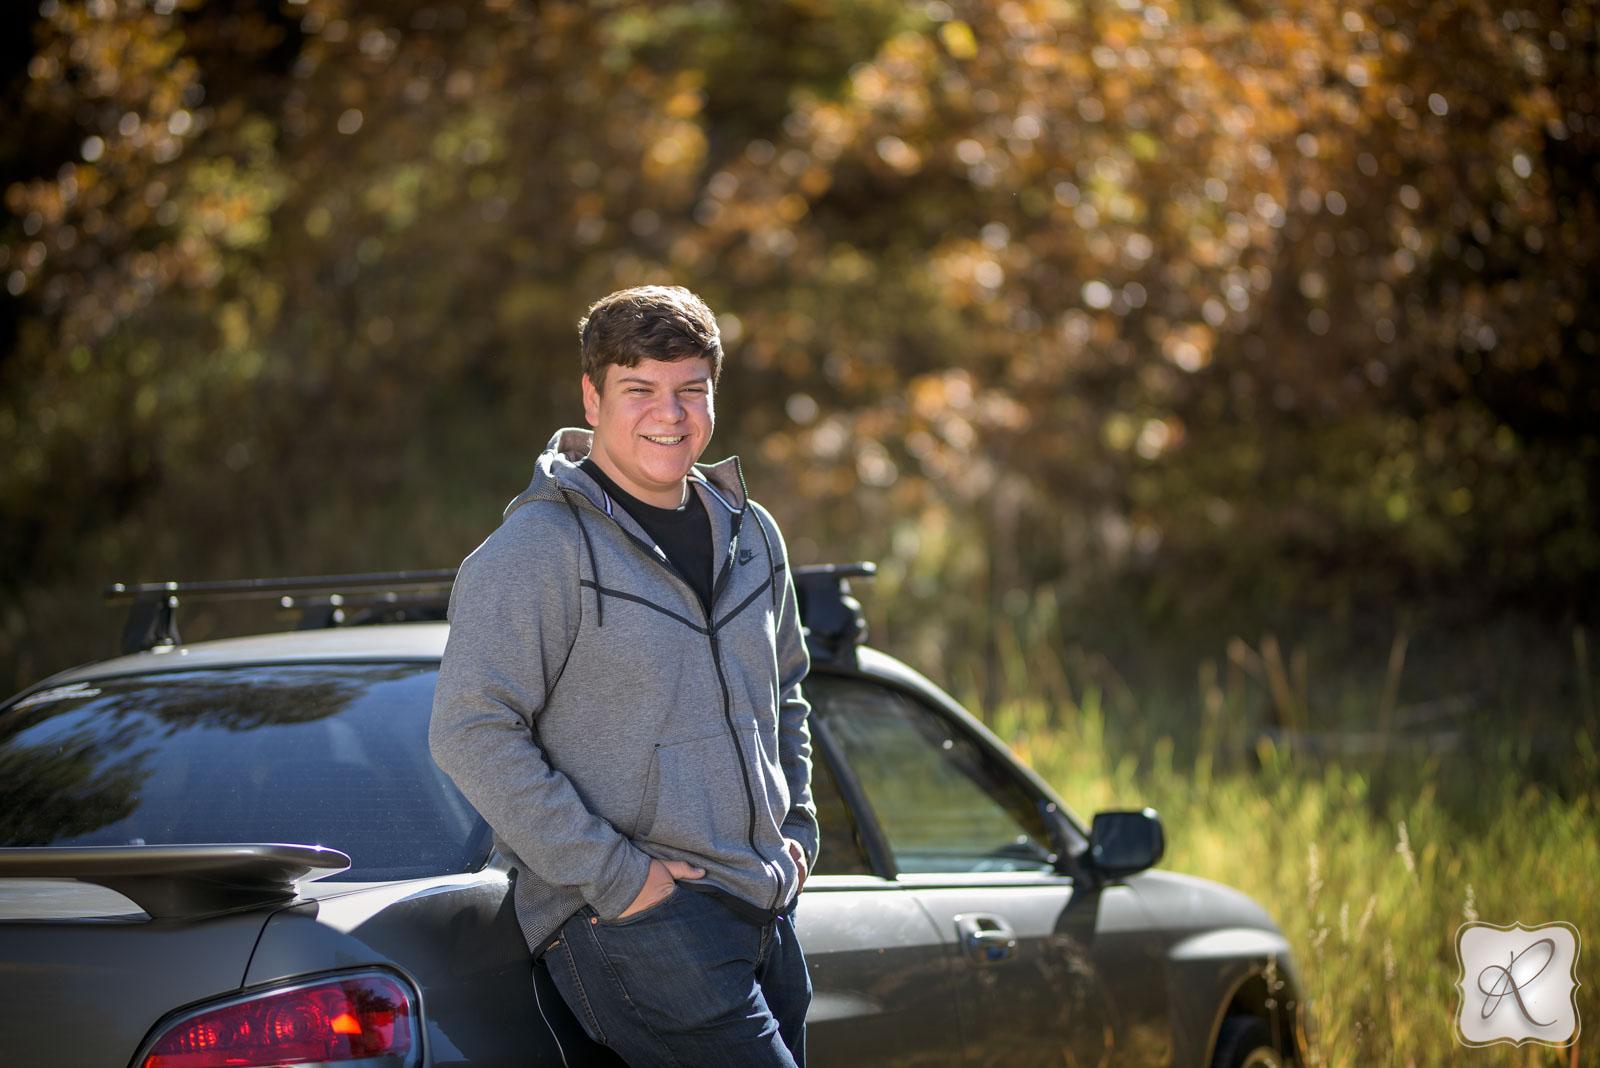 Professional senior pictures Durango Colorado